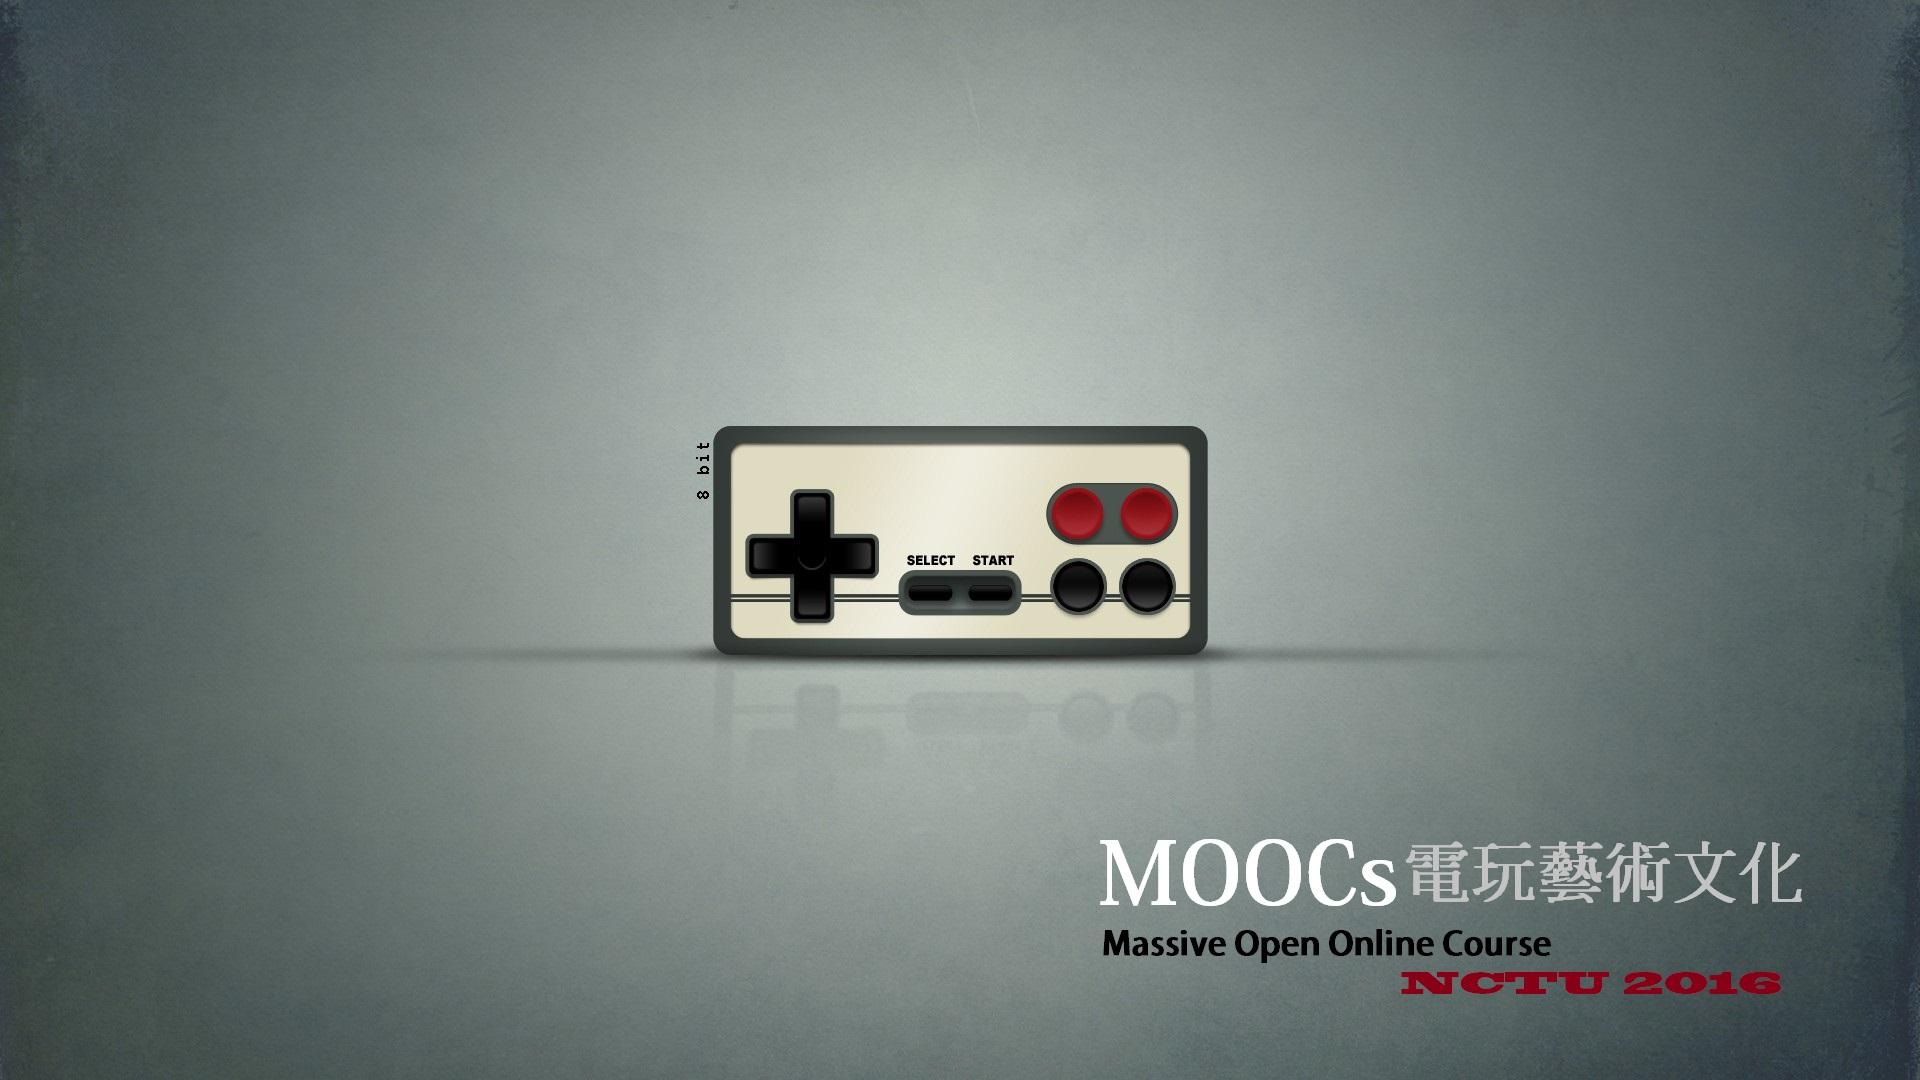 公告|全新電玩藝術課程開放課程 MOOCs 上線